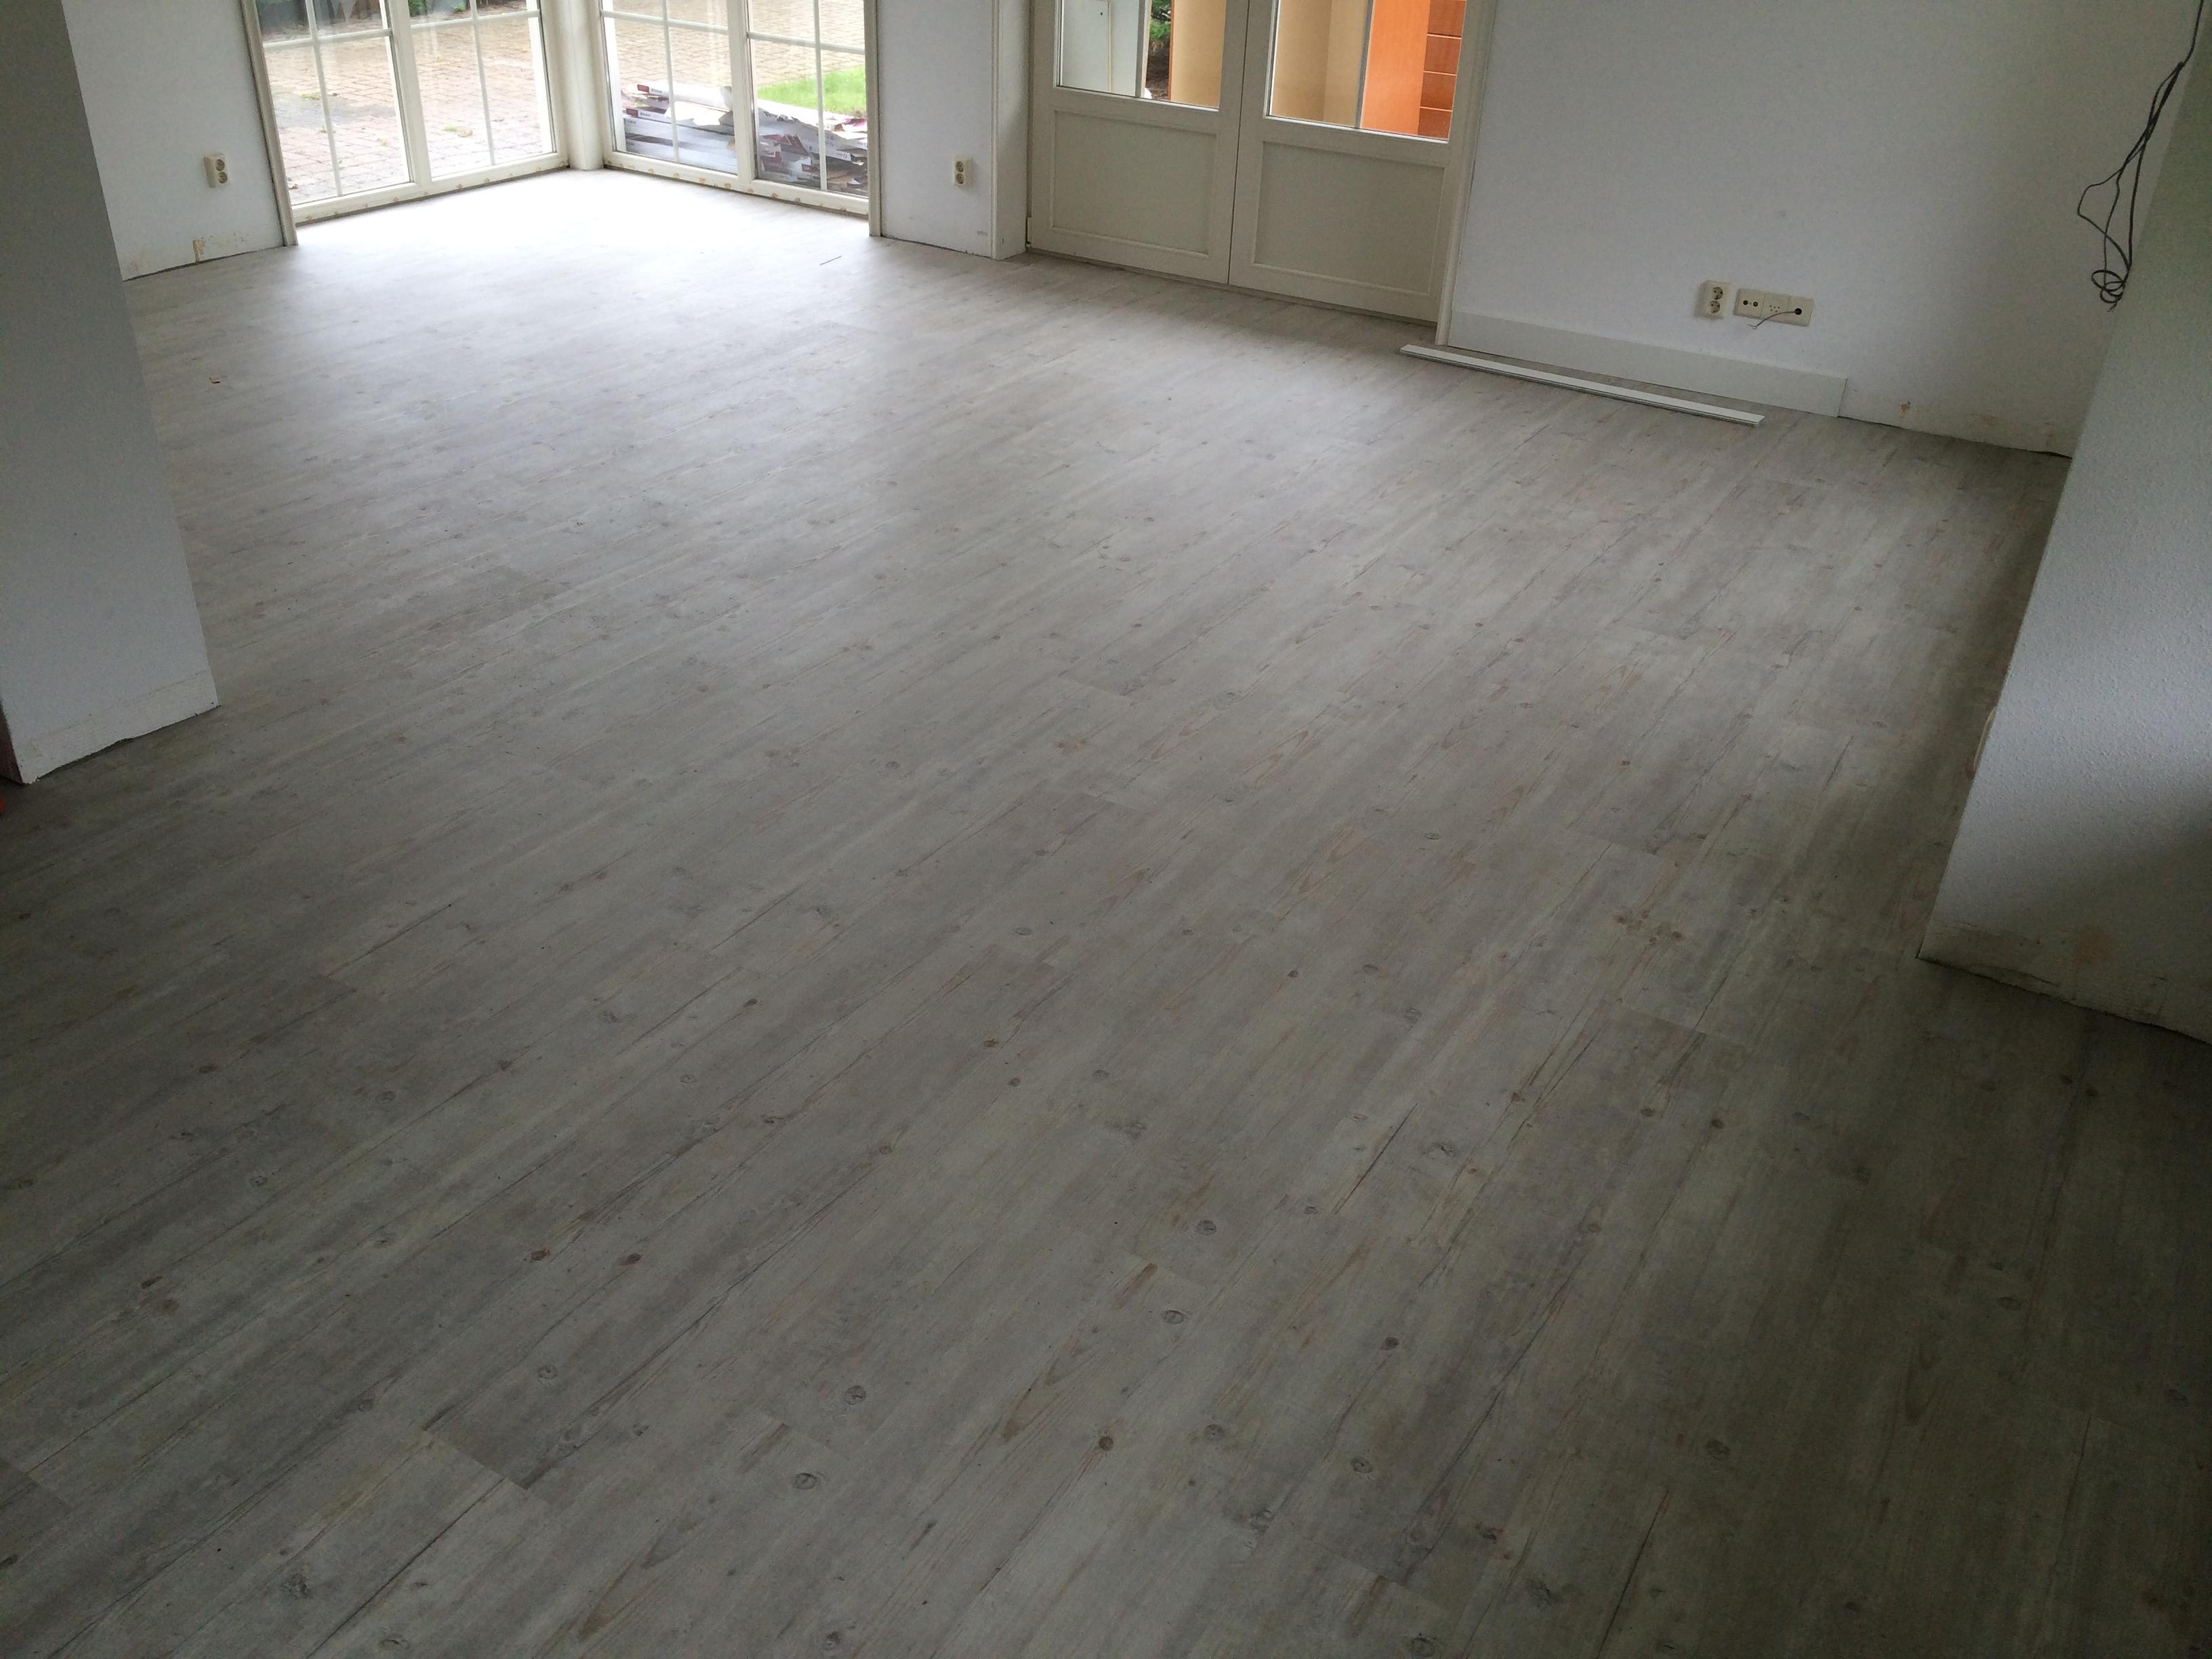 Pvc Vloer Repareren : Pvc vloeren en laminaat parket vloer schuren leiden